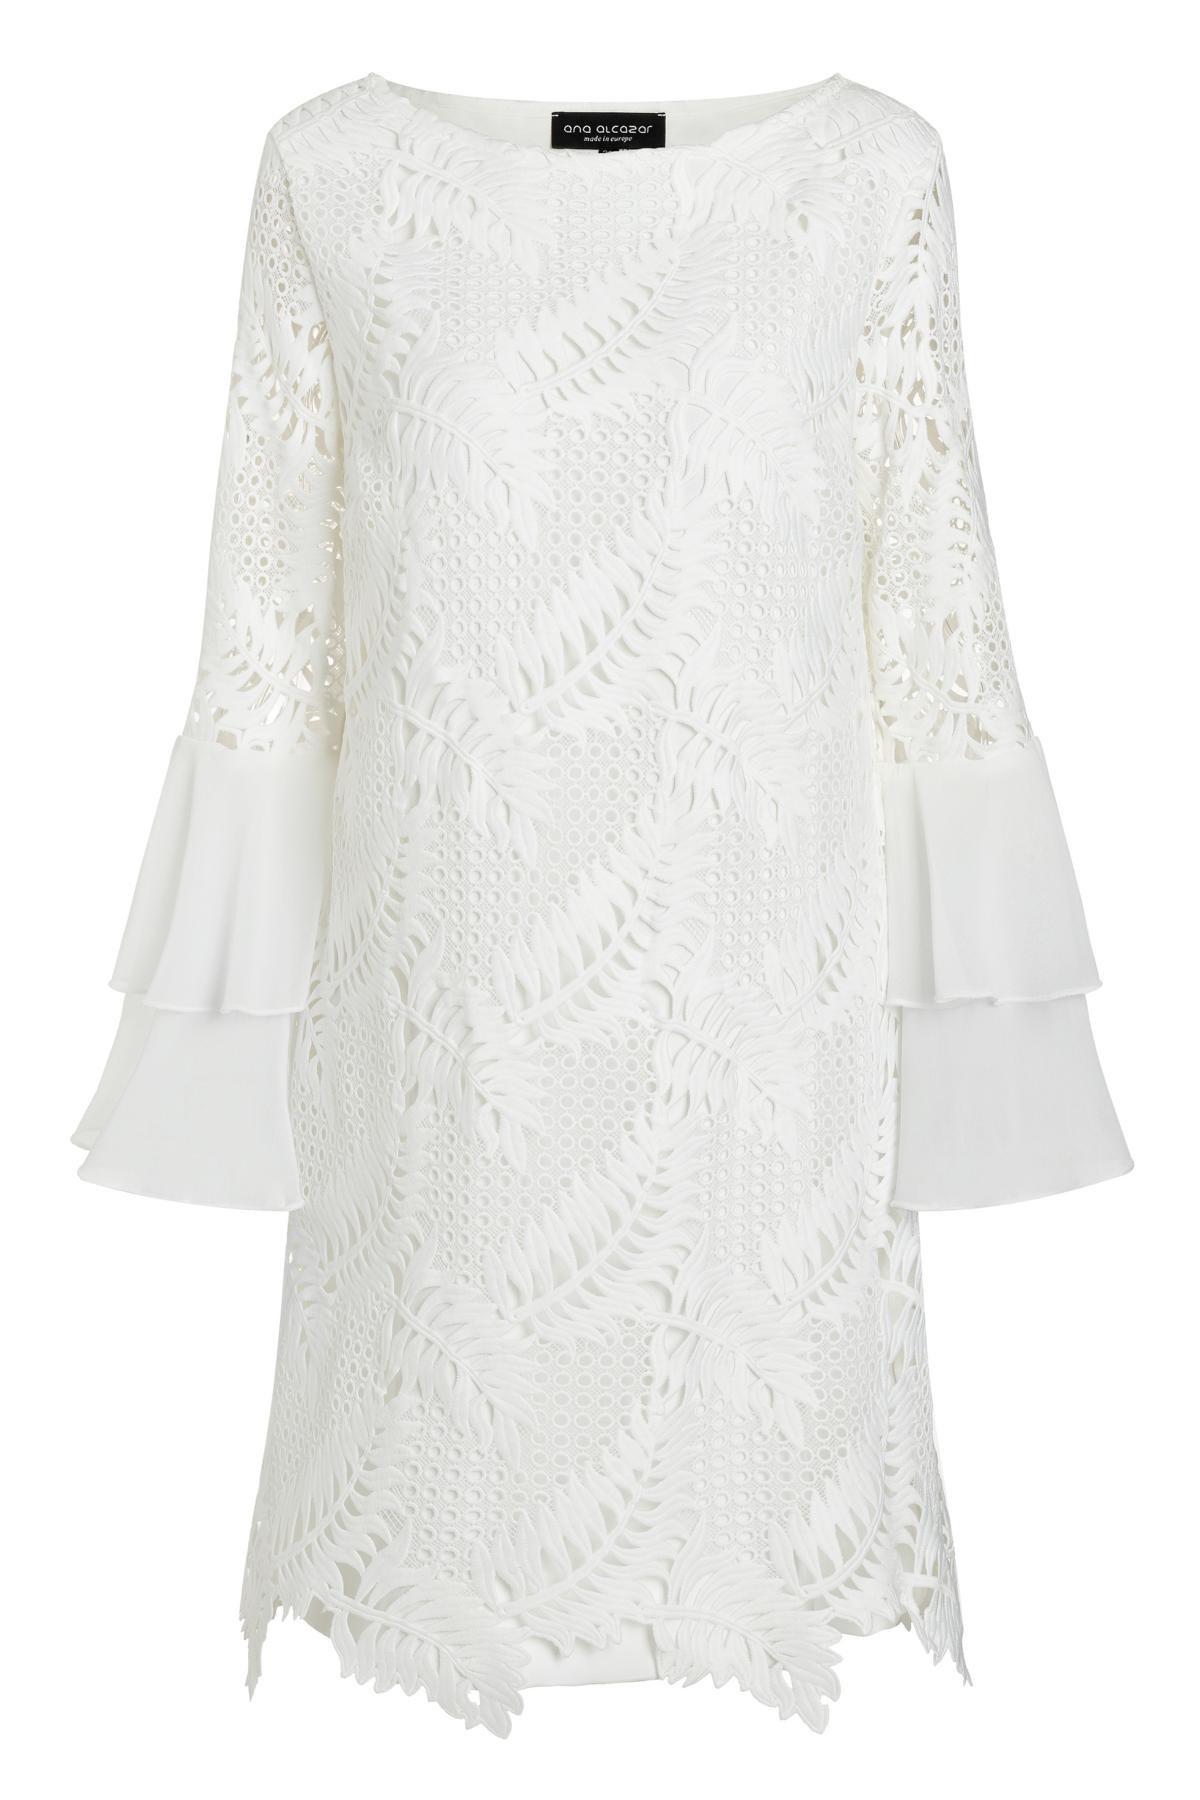 Designer Luxus Konfirmationskleider Weiß Galerie13 Genial Konfirmationskleider Weiß Stylish